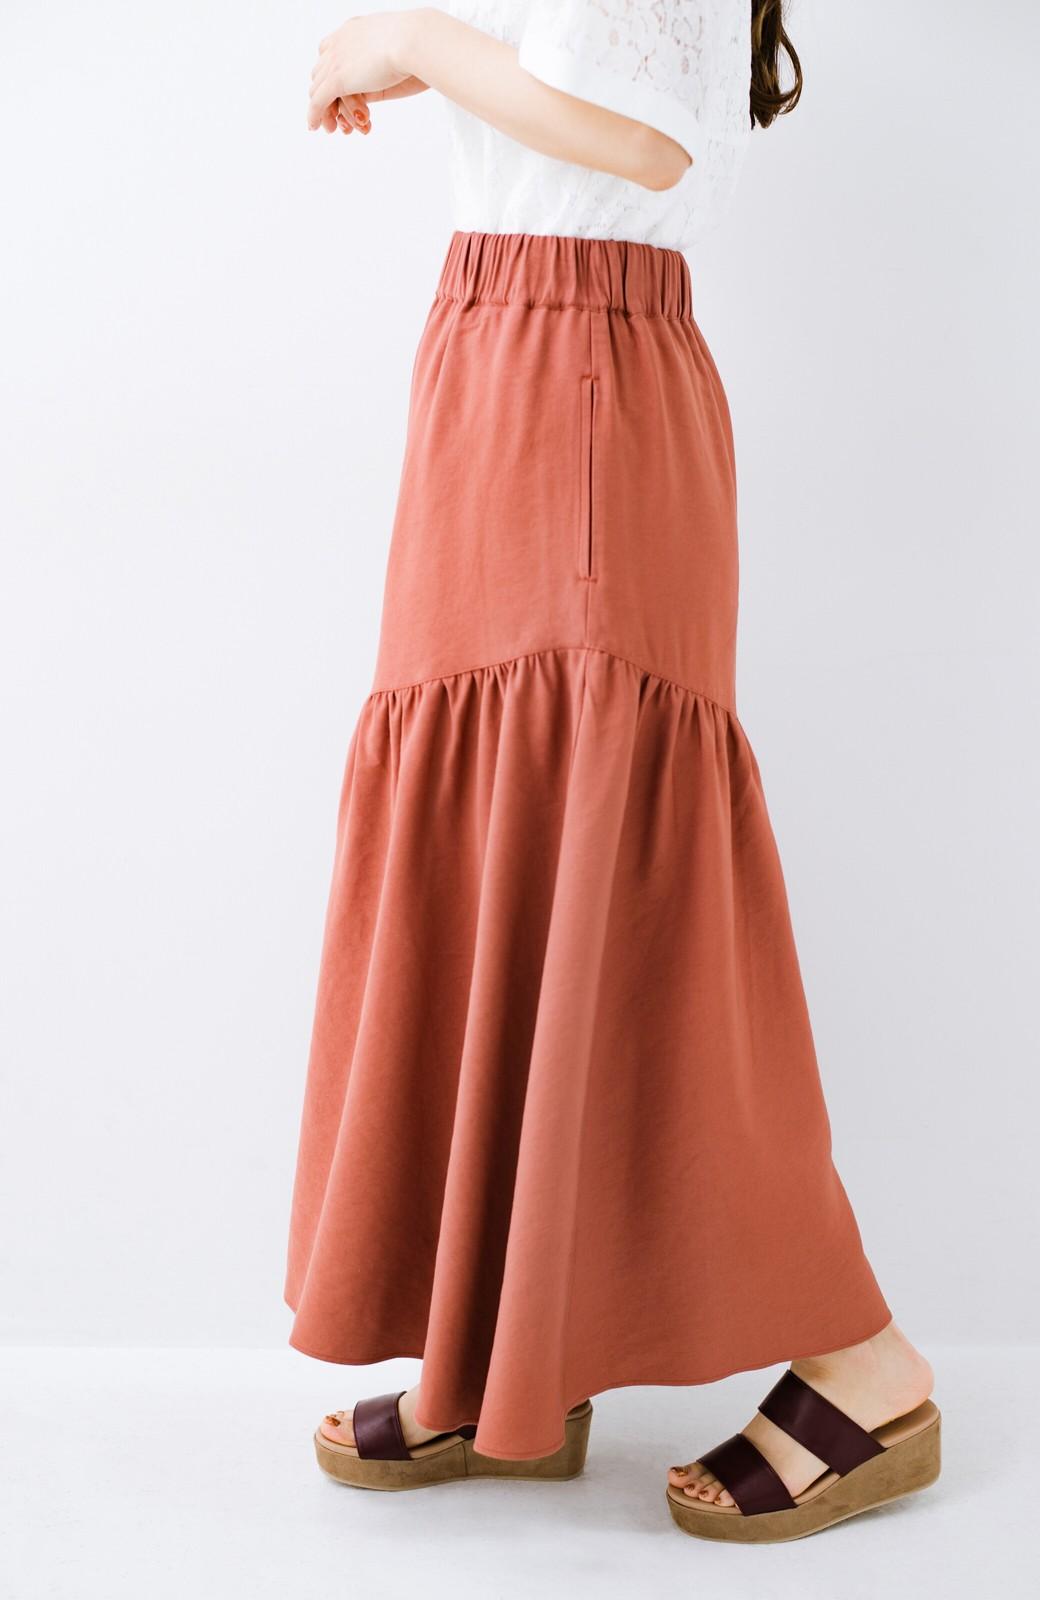 haco! ふんわりシルエットが華やかな大人ギャザースカート <スモークピンク>の商品写真5